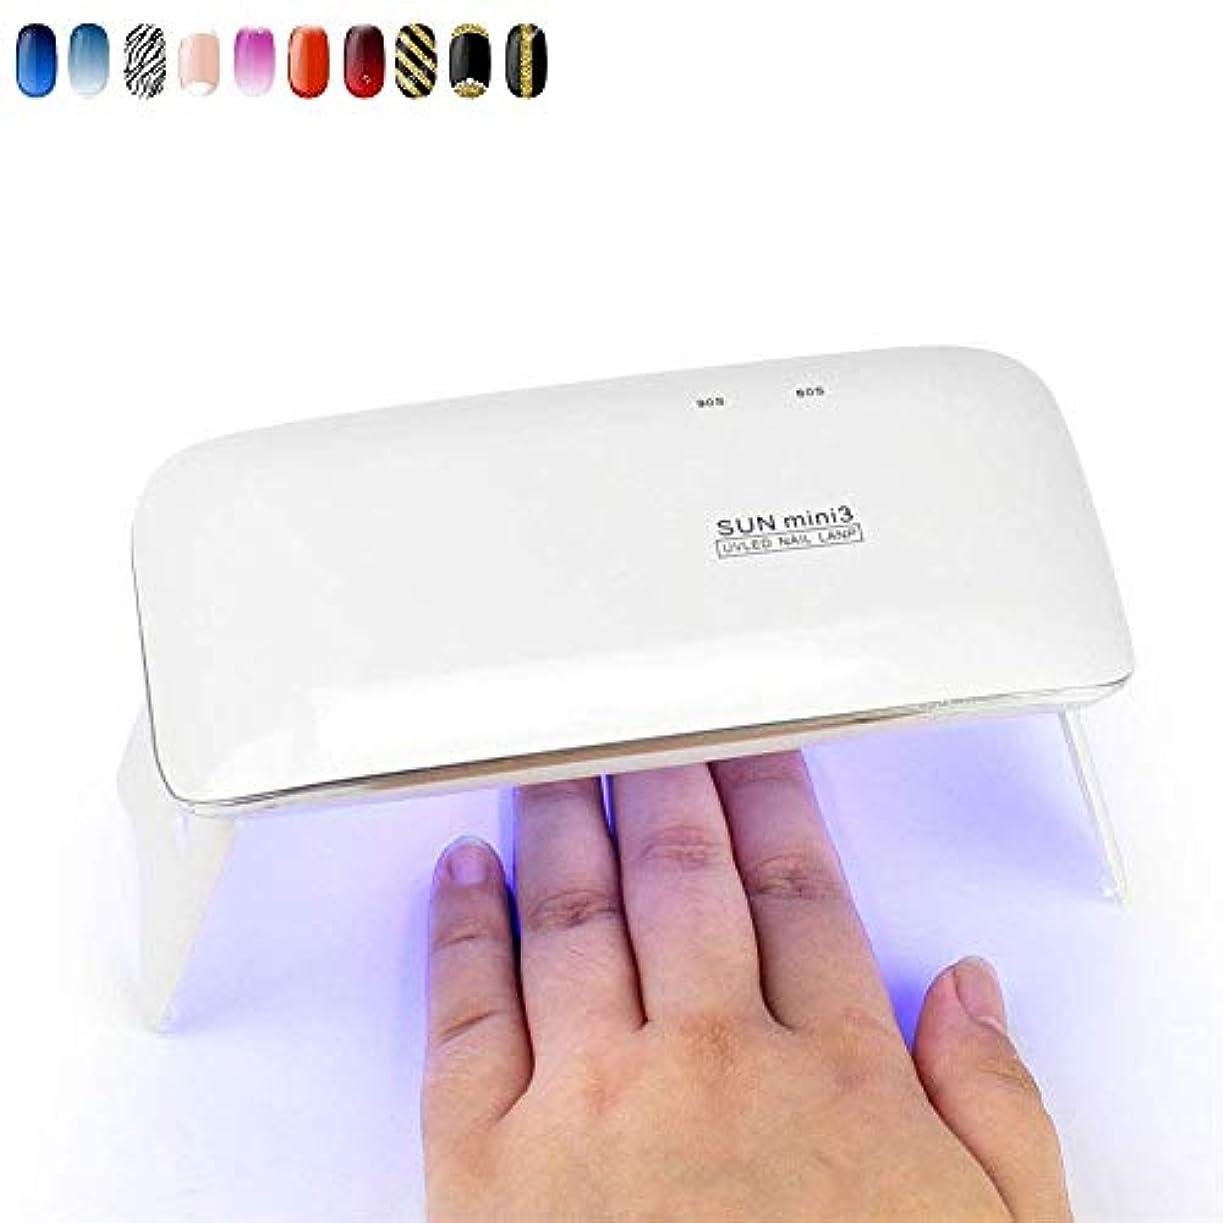 コンサルタント依存アナリストネイル用ランプとジェルポリッシュランプLEDミニネイルスタッドライト6W USB充電ネイルドライヤー高速硬化ジェルワニス